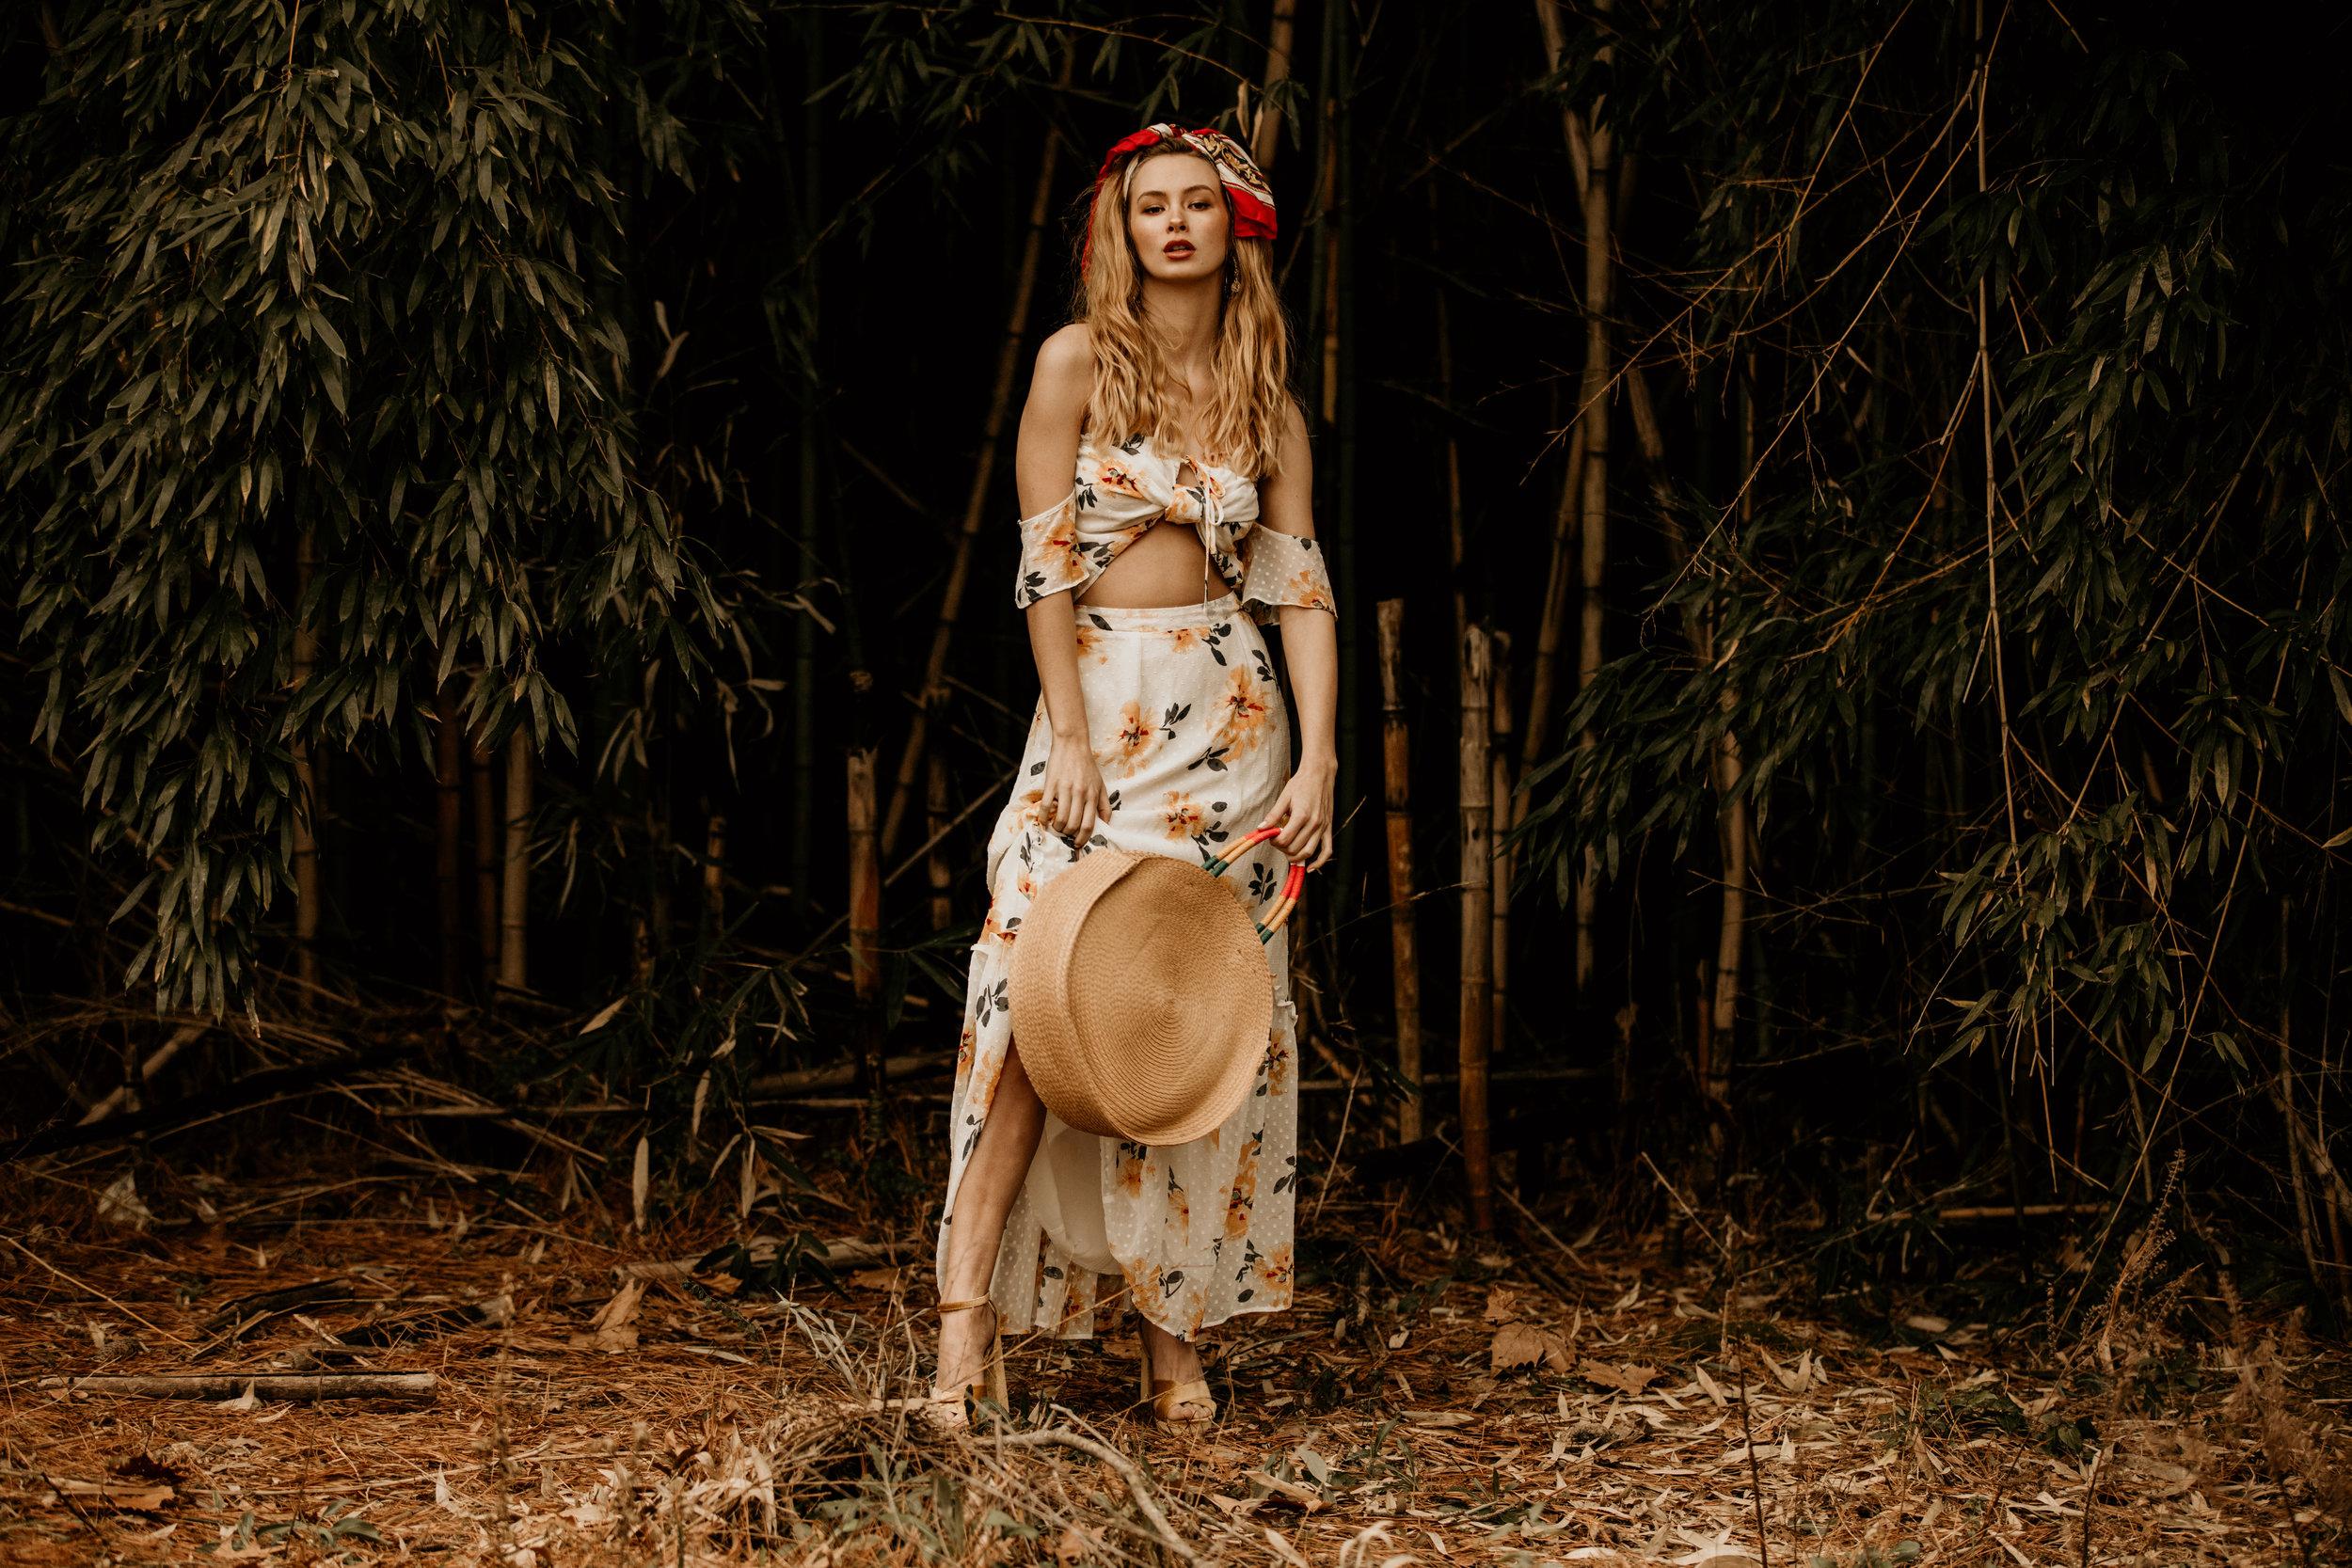 PHOTOGRAPHy-fashion-bamboo-3890-2.jpg